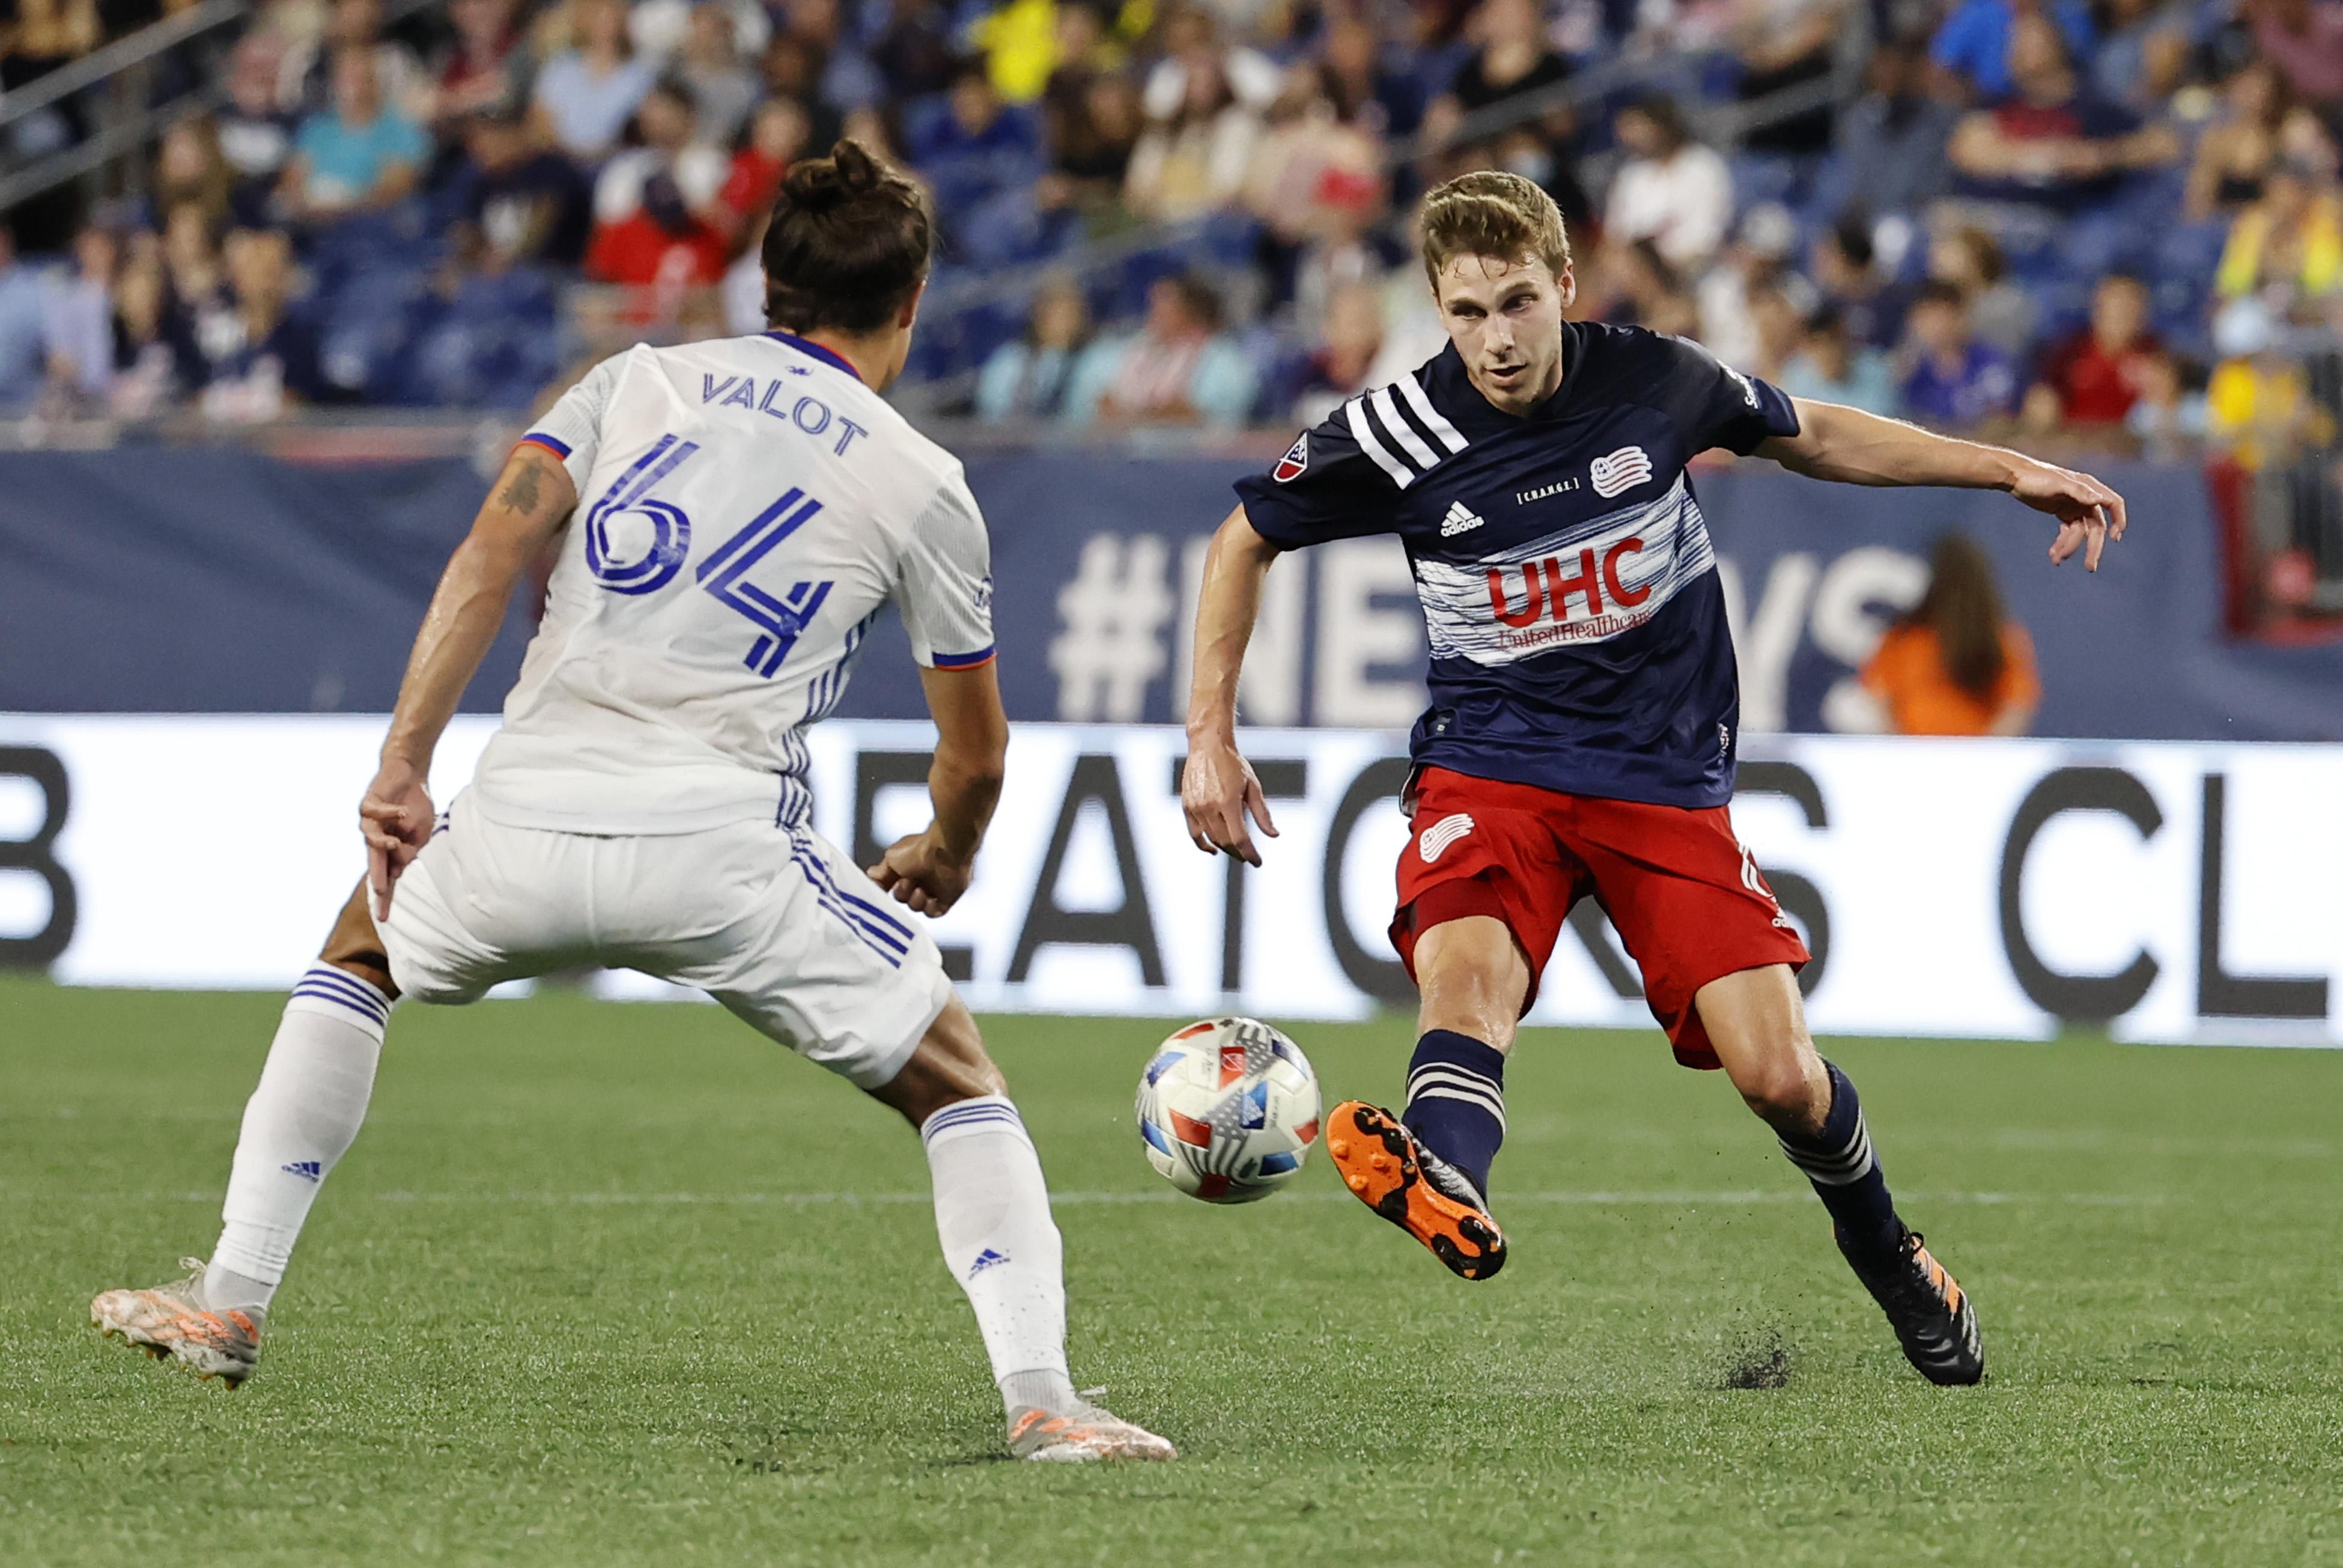 SOCCER: AUG 21 MLS - FC Cincinnati at New England Revolution